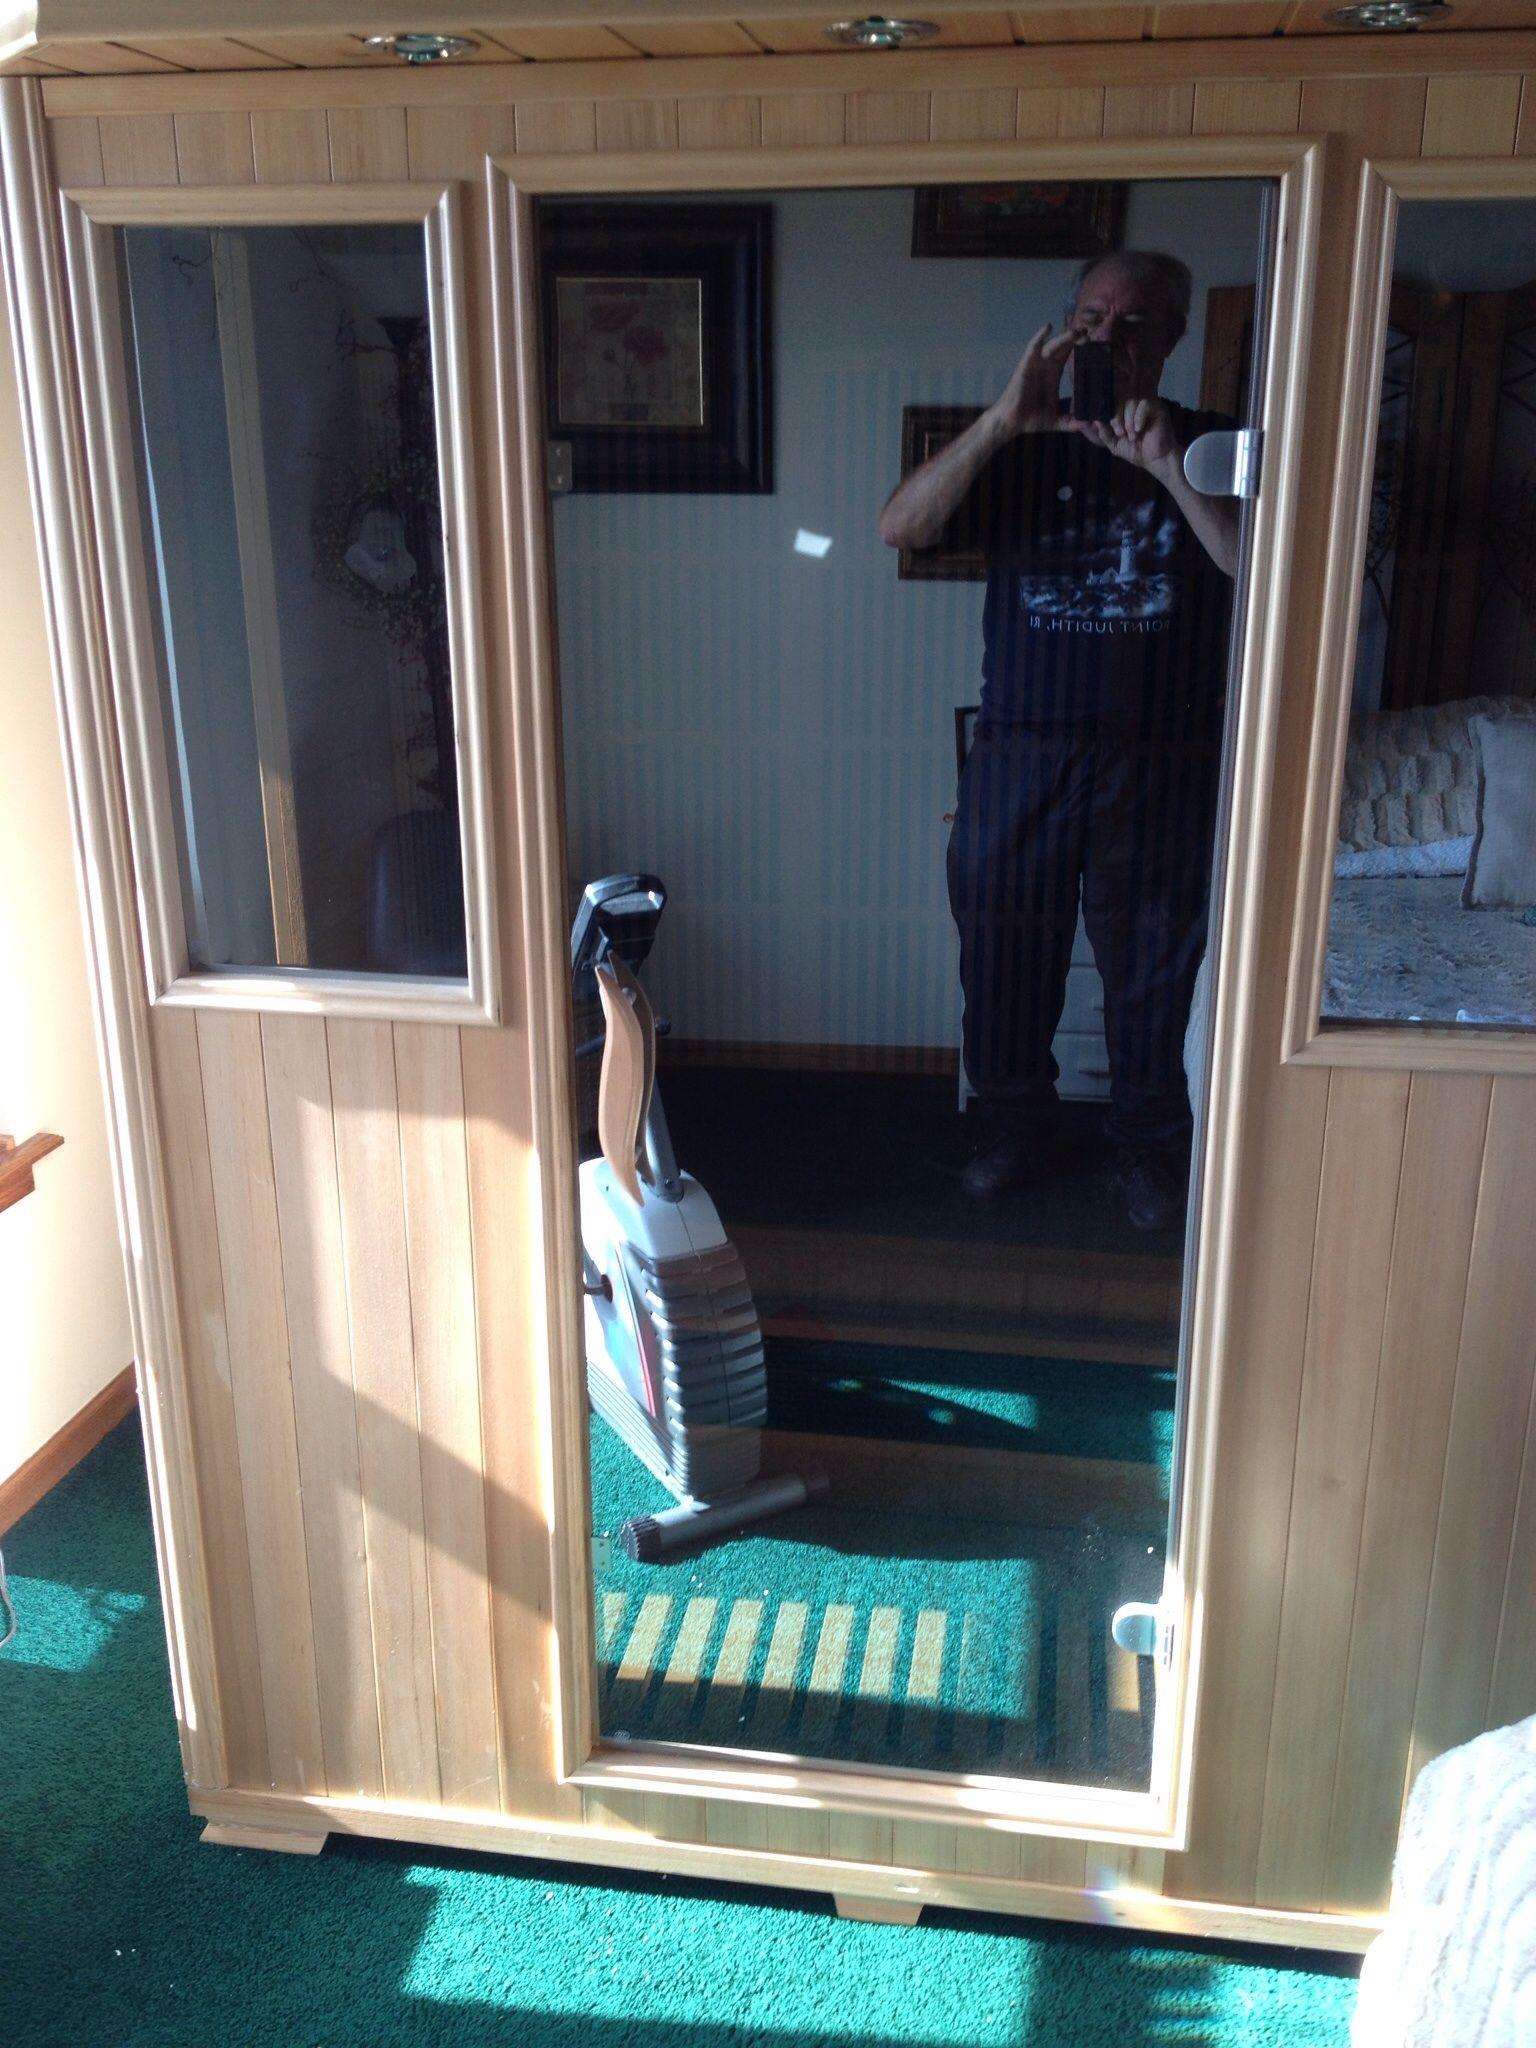 Good health saunas 3 person gsseries hemlock infrared